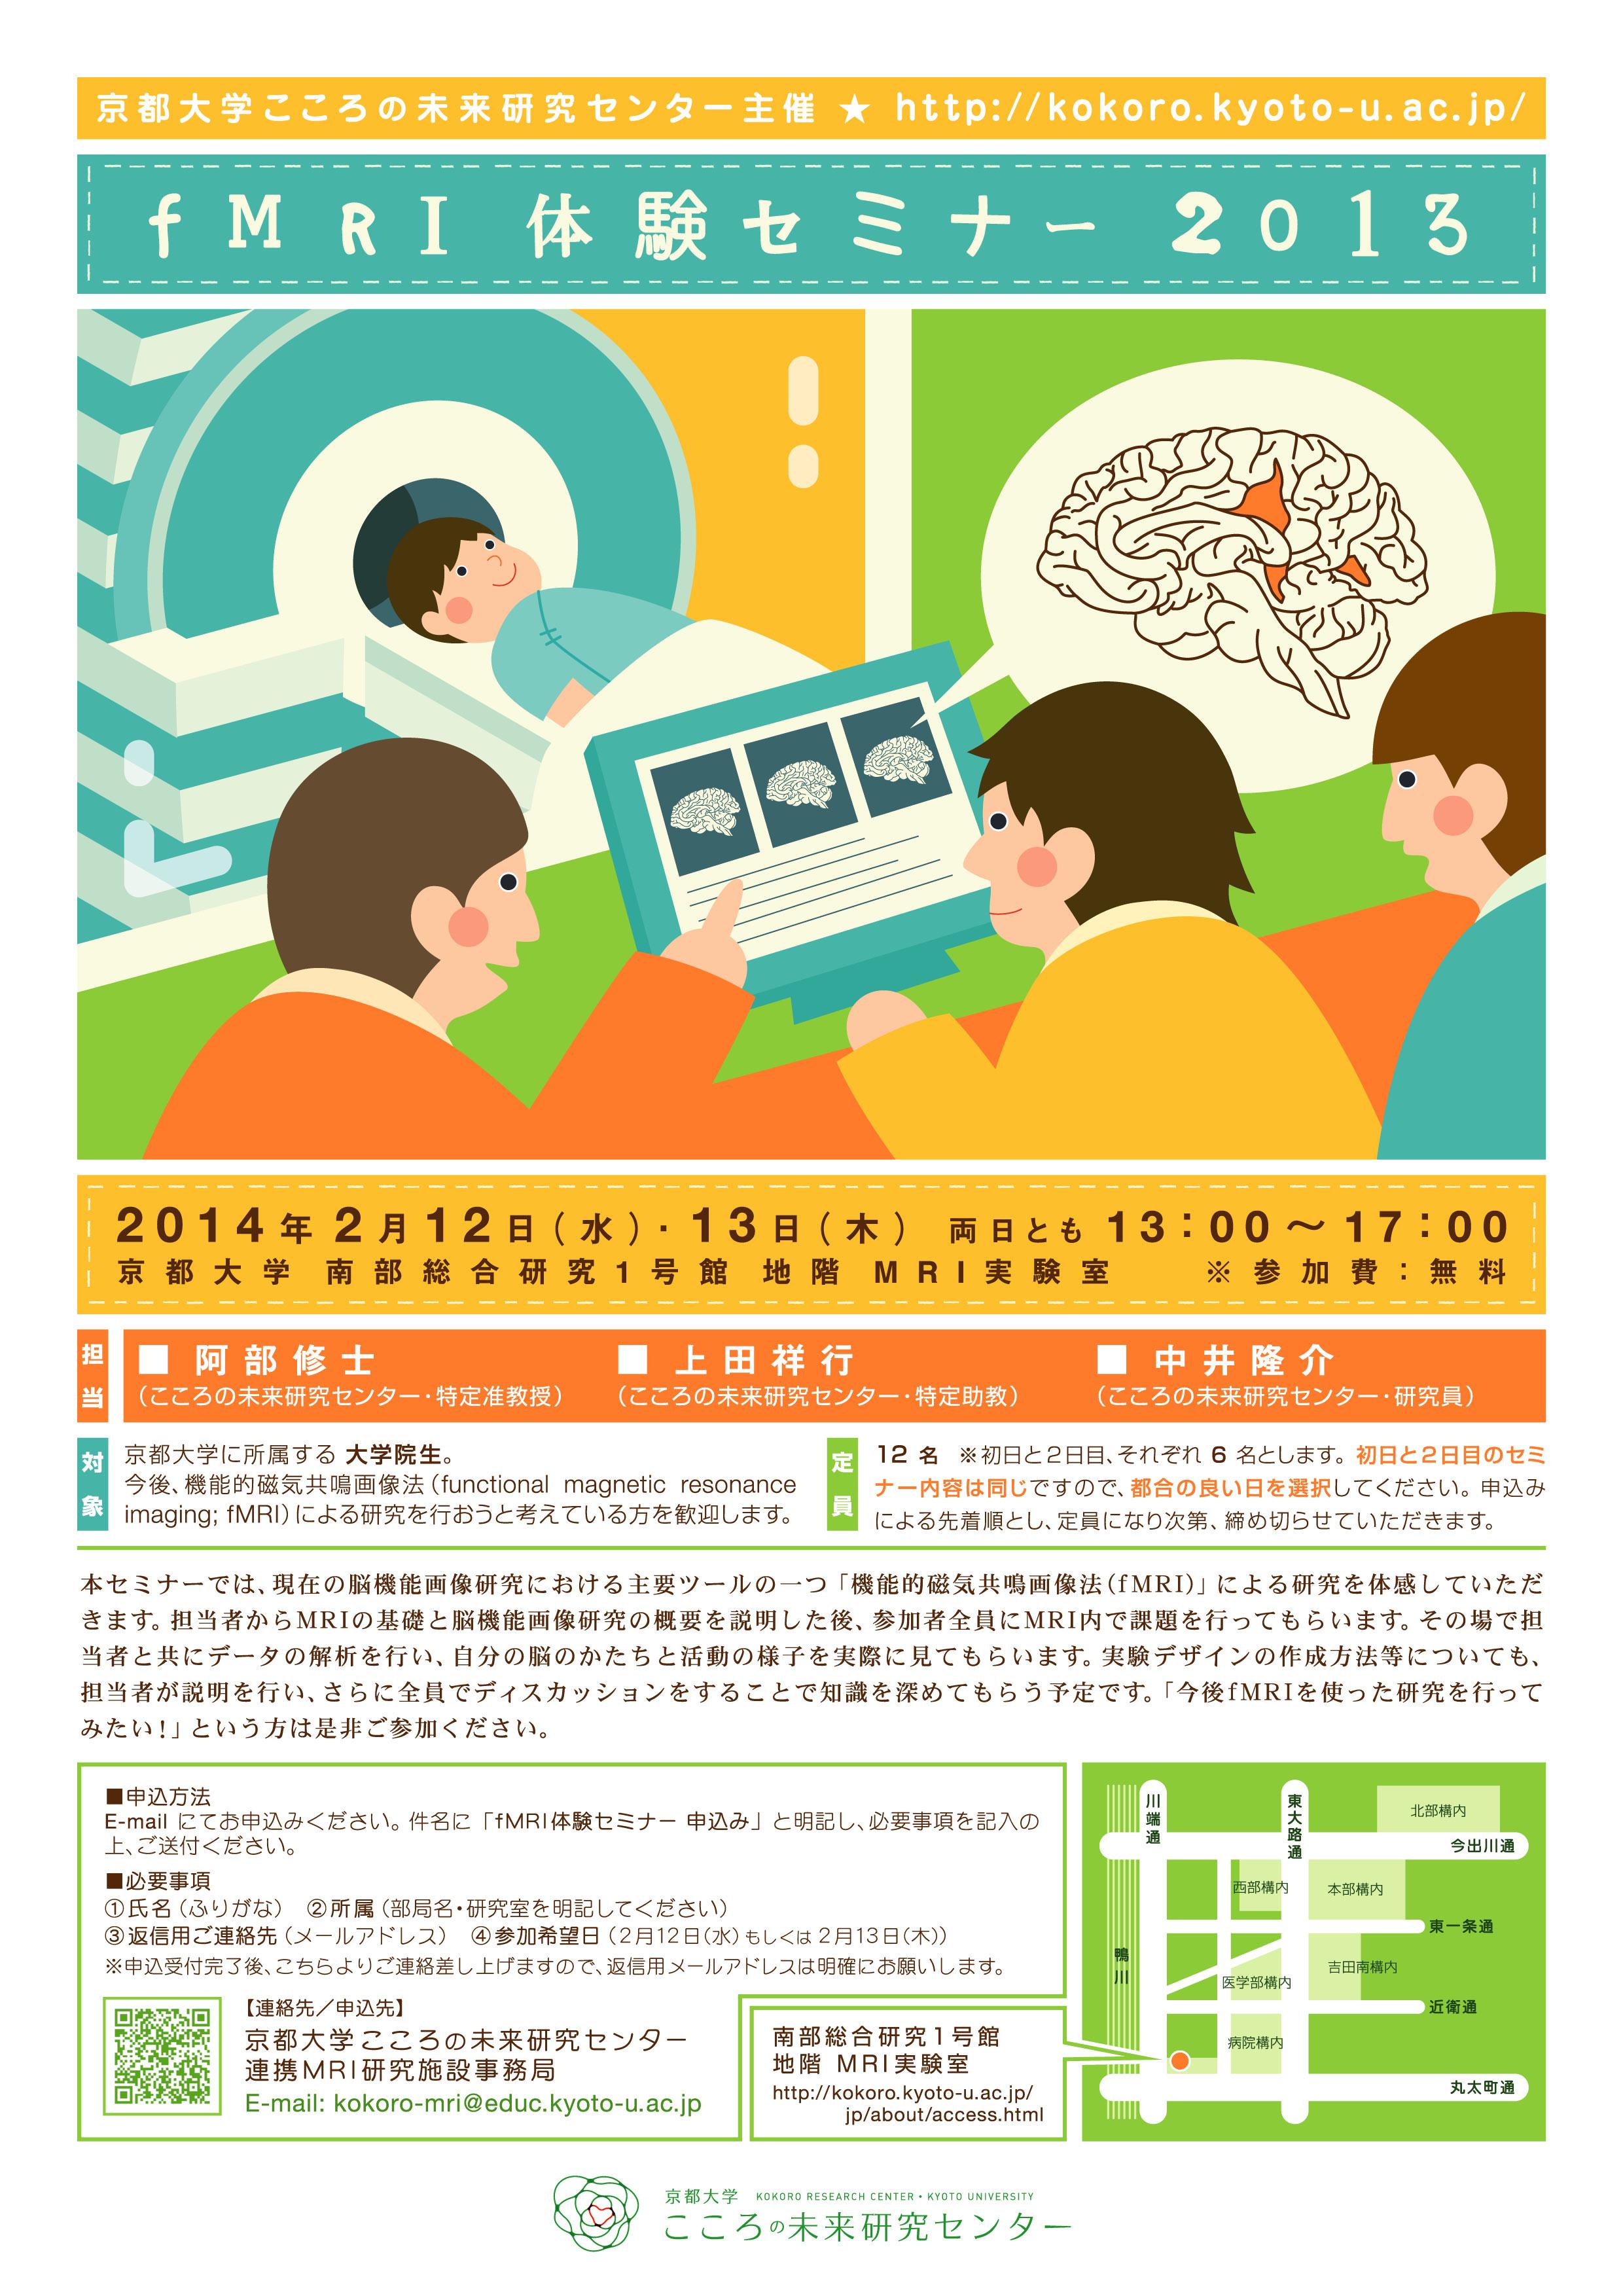 京都大学こころの未来研究センター fMRI体験セミナー2013